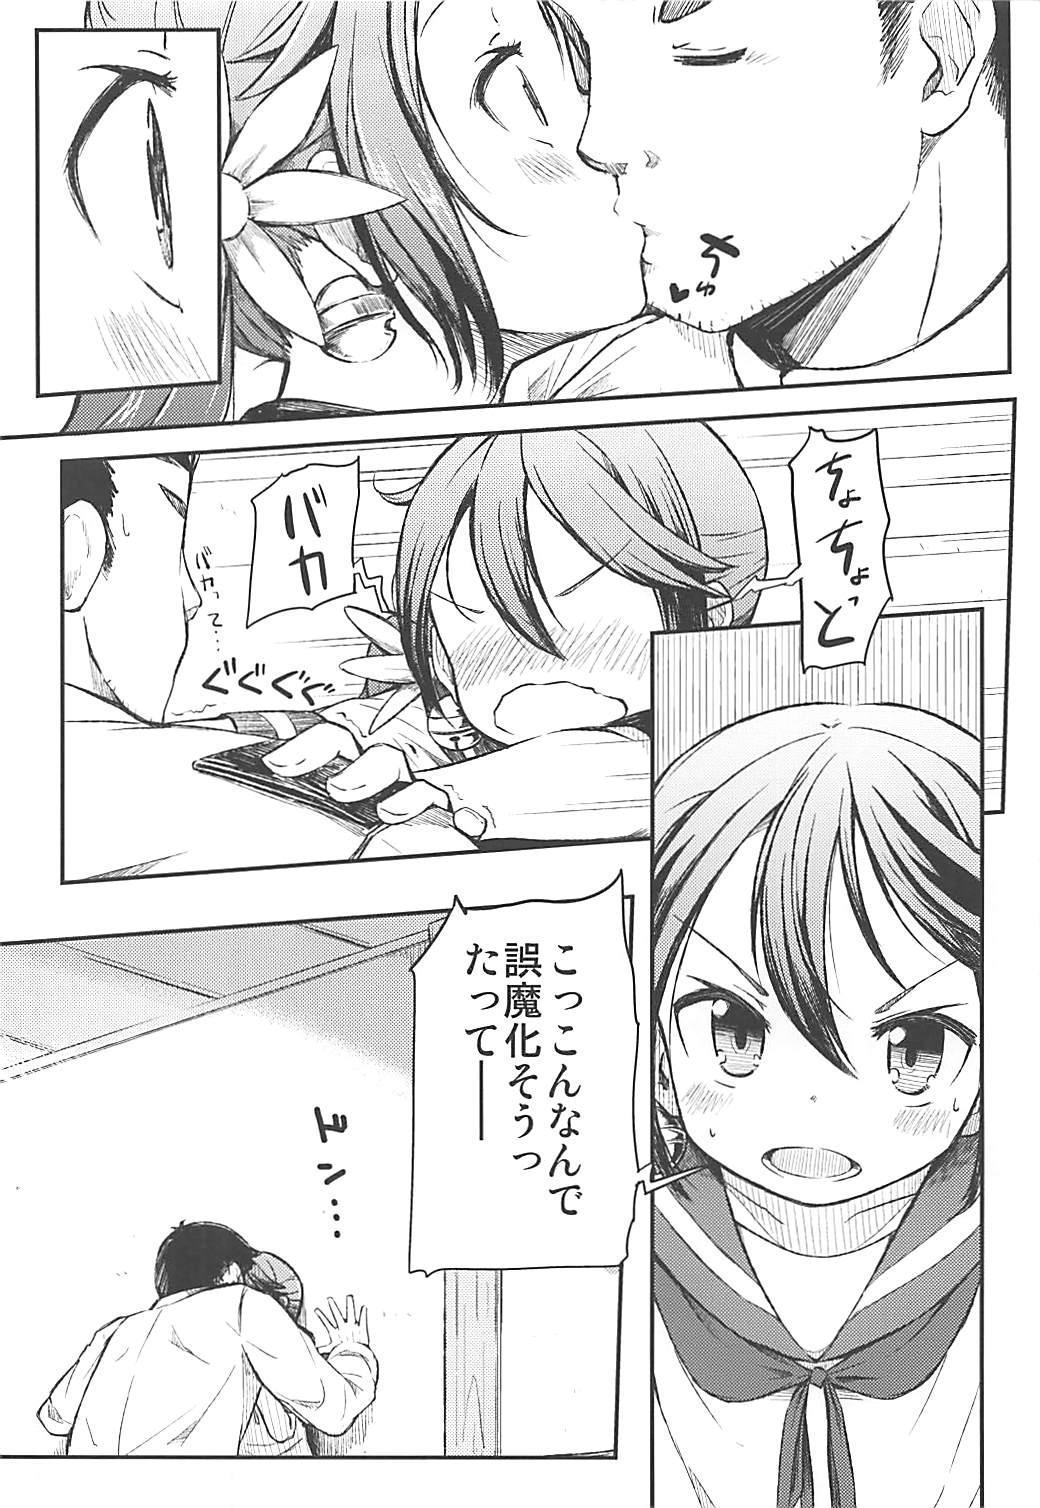 Watashi no Kuso Teitoku 2 4